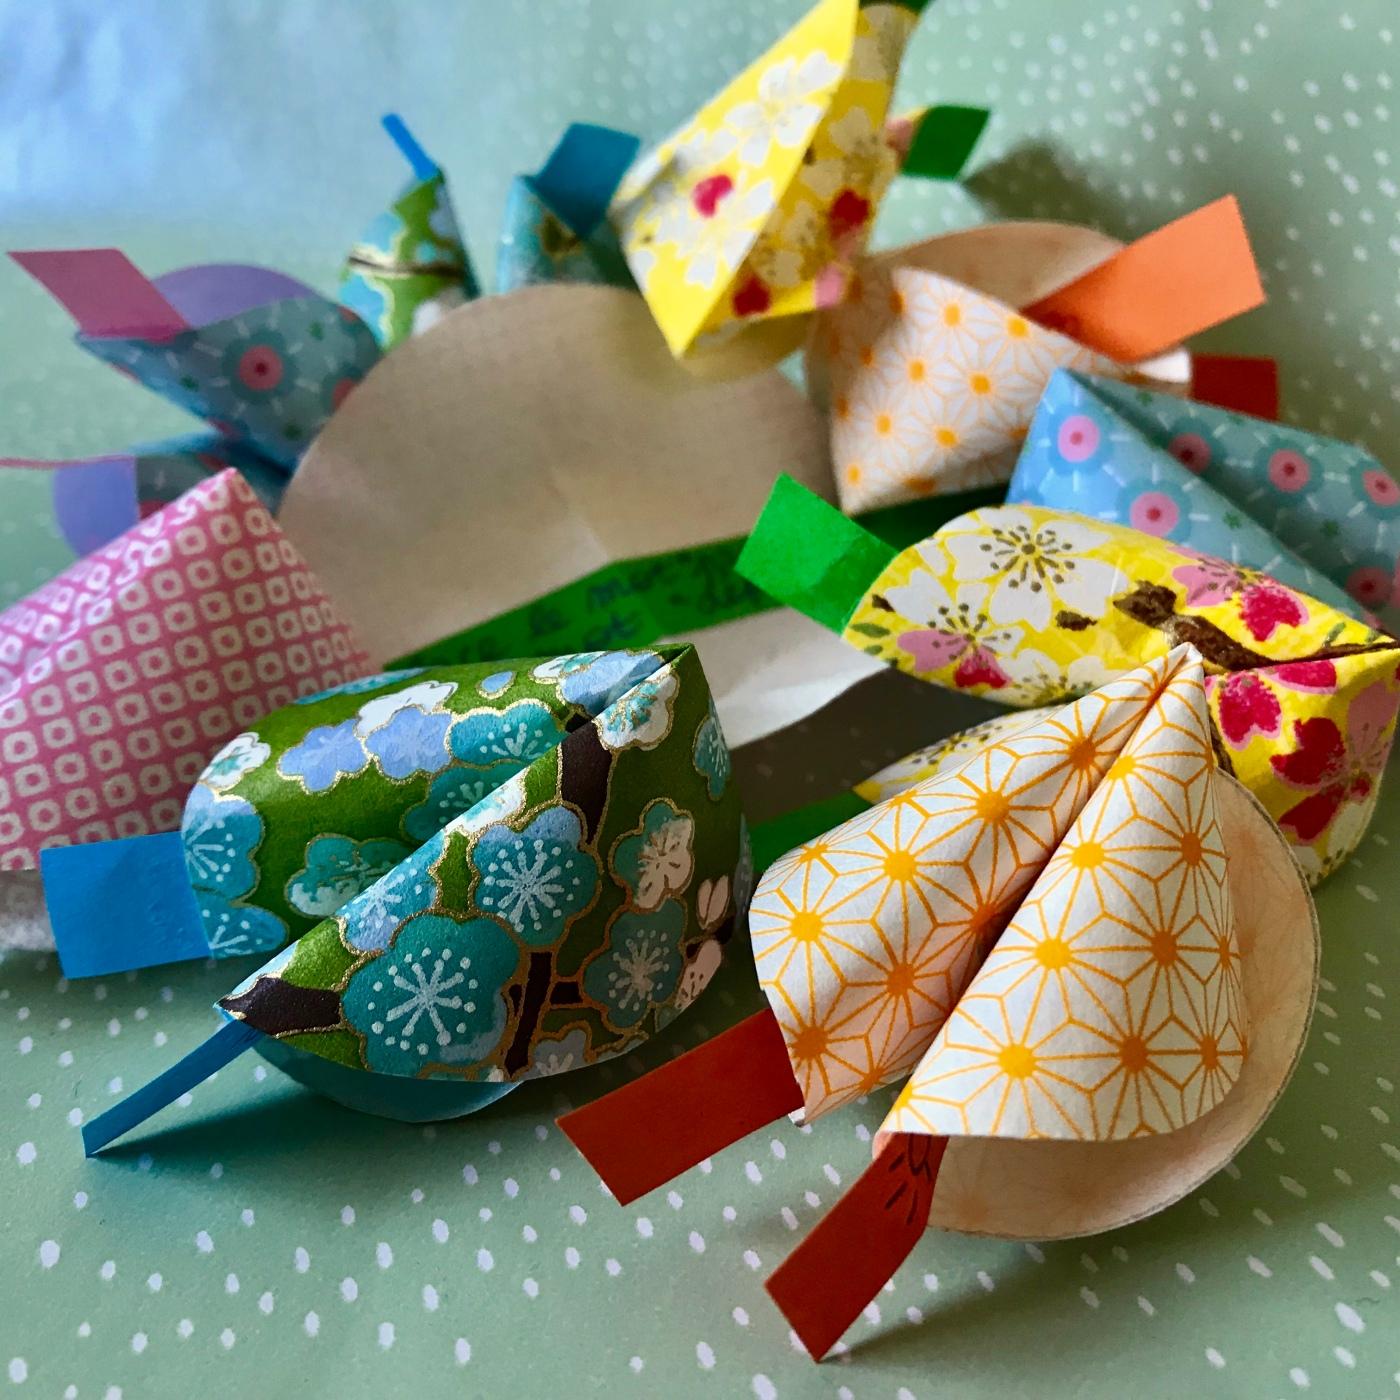 Biscuits de la fortune en papier - DIY - bricolage enfant - craft for kids - nouvel an chinois - origami - image à la une